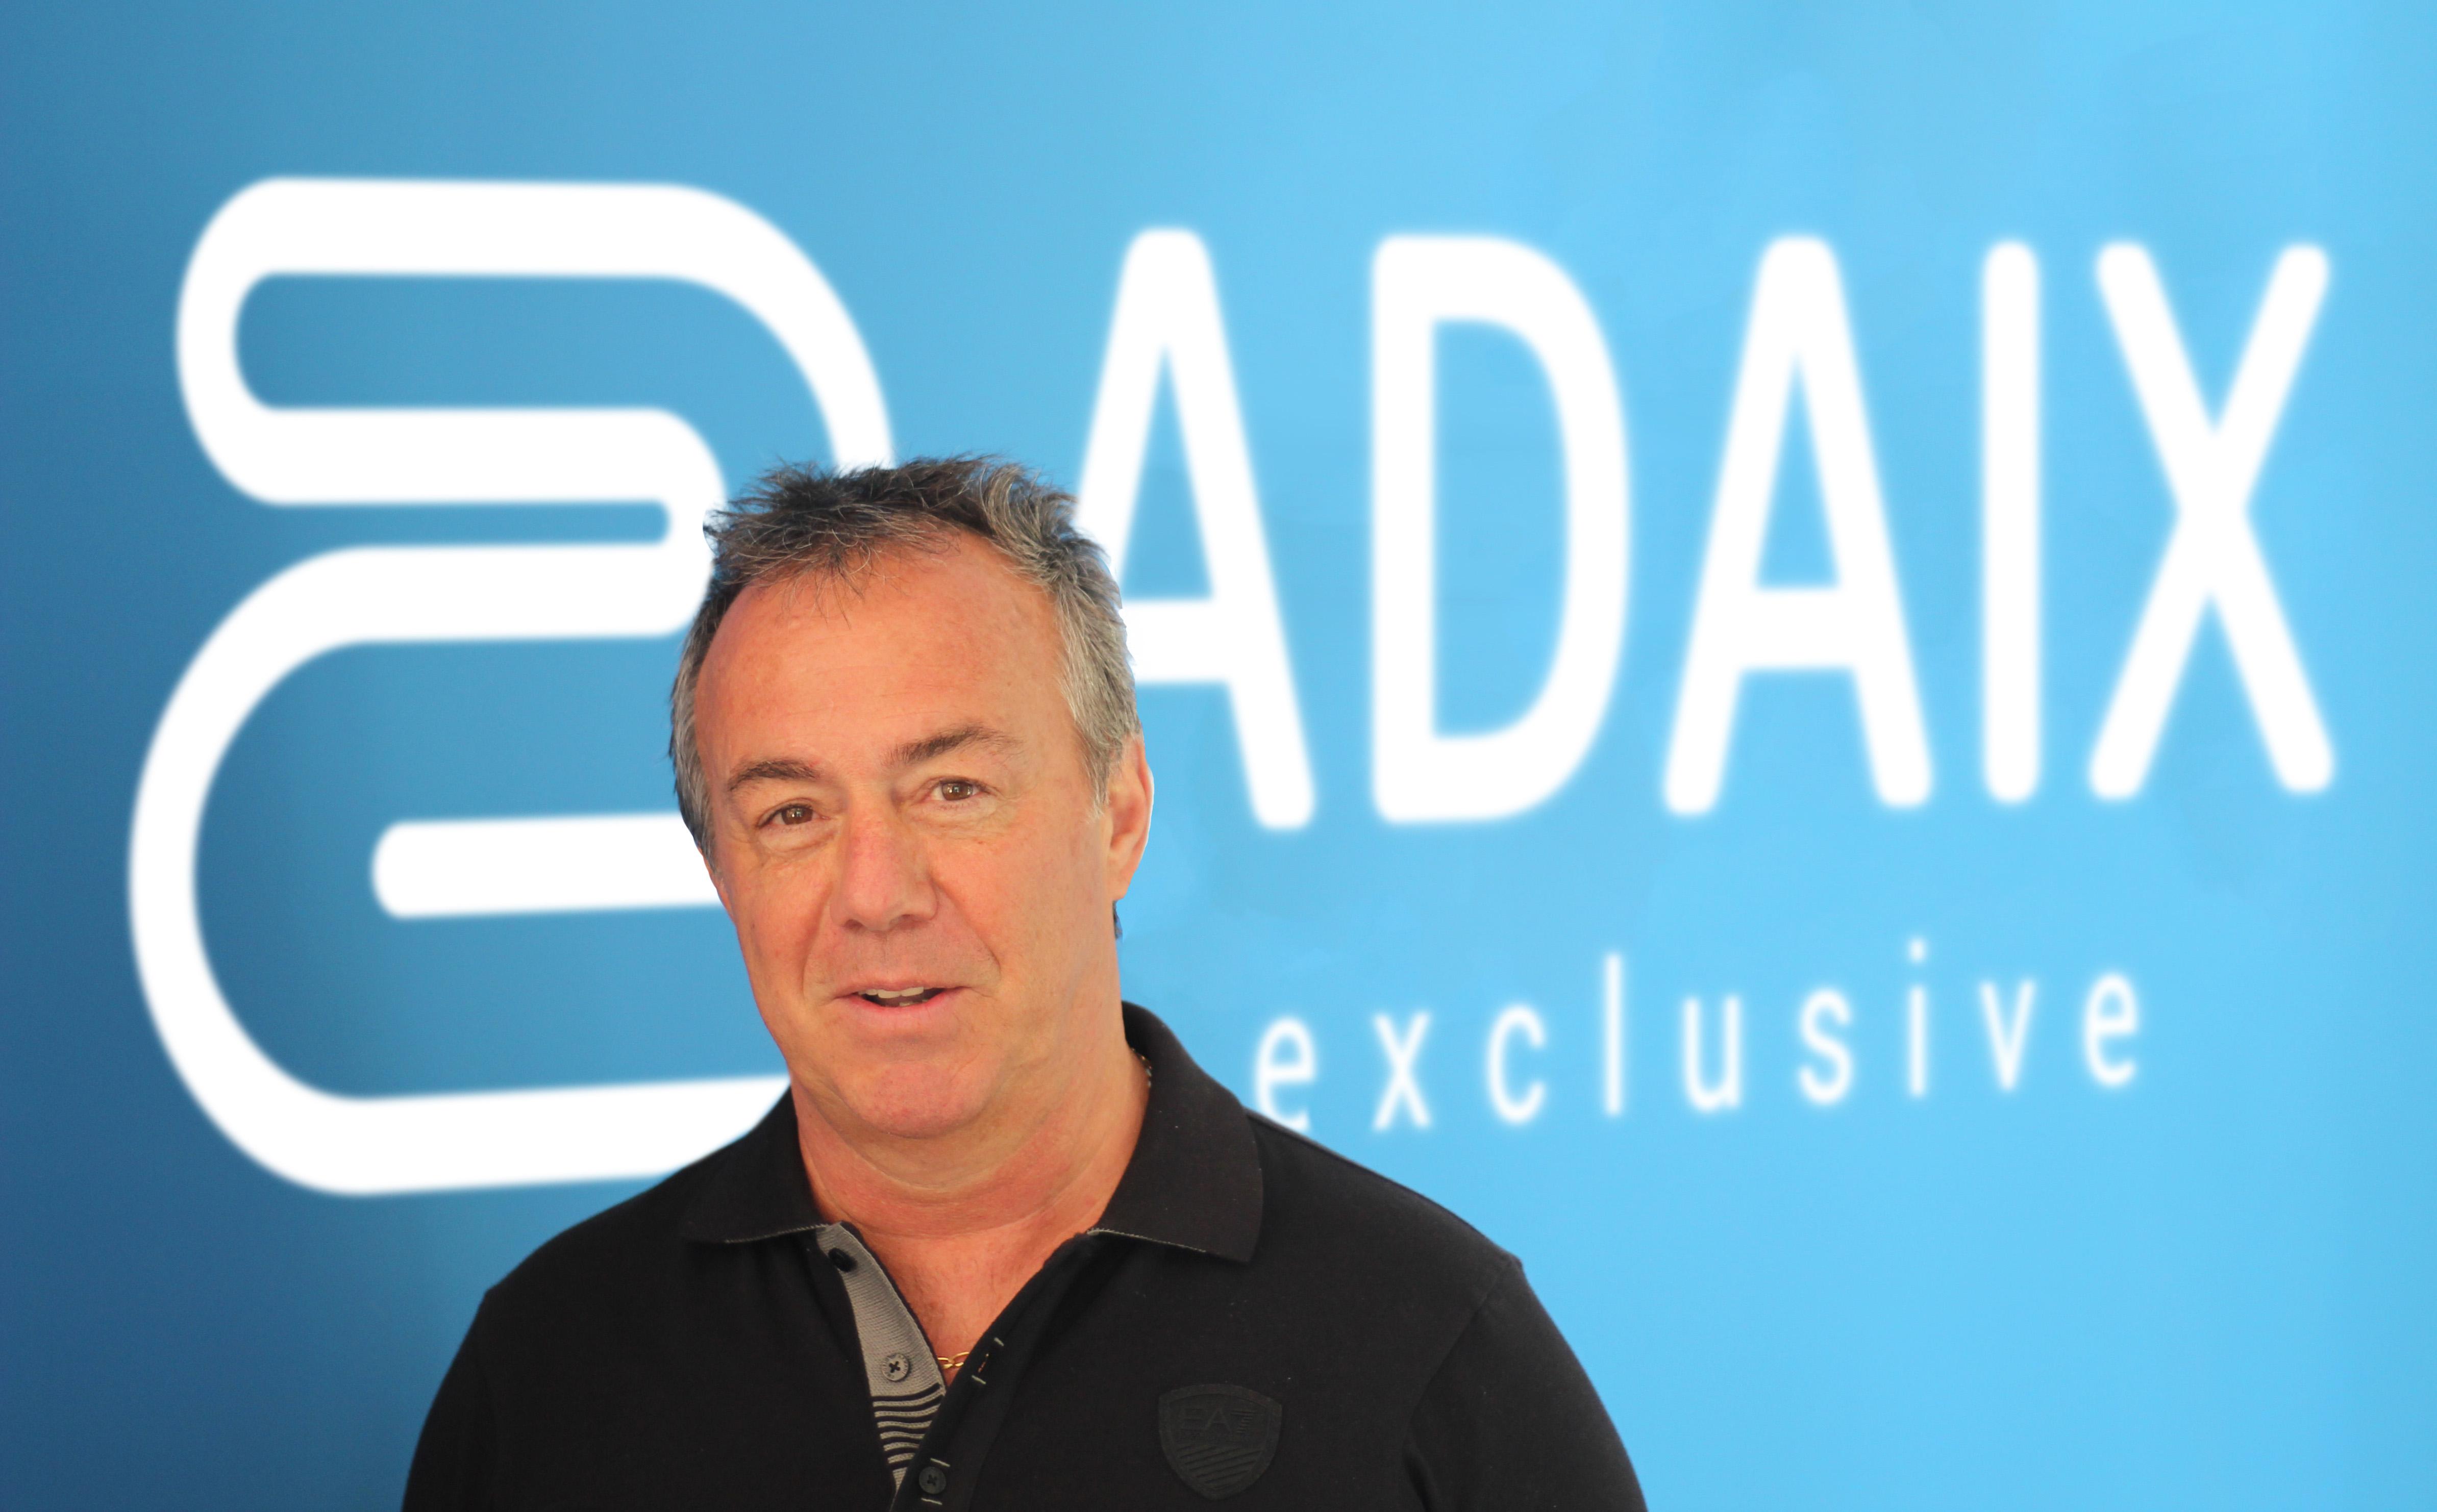 Entrevistamos Alain Brand CEO de Adaix Group y de la franquicia inmobiliaria Adaix